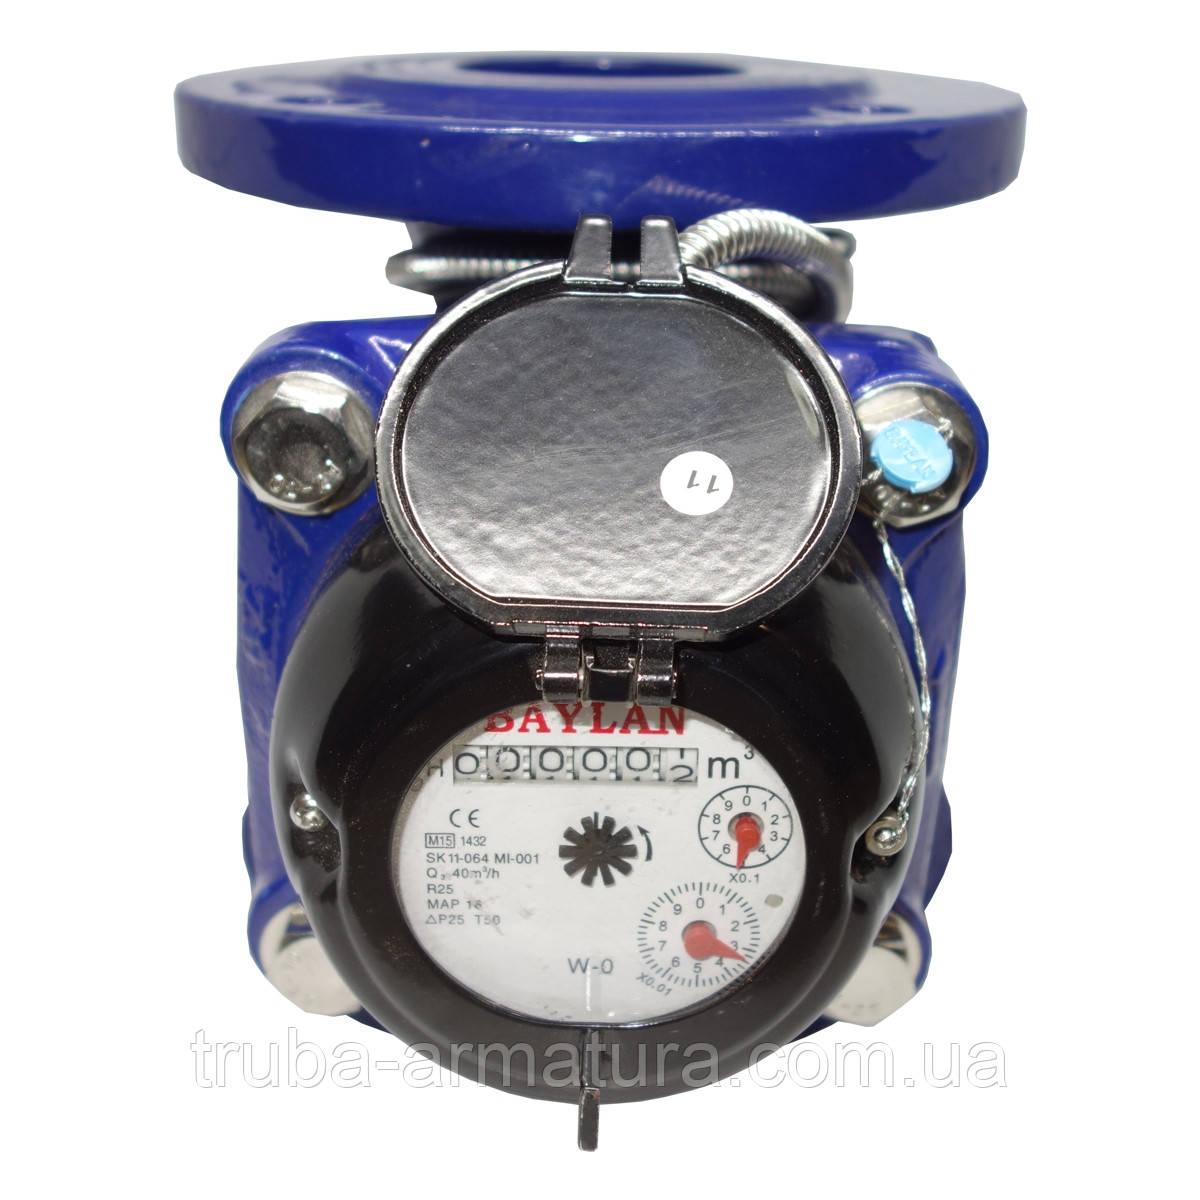 Ирригационный счетчик холодной воды Baylan (IP68) W-4i Dn150